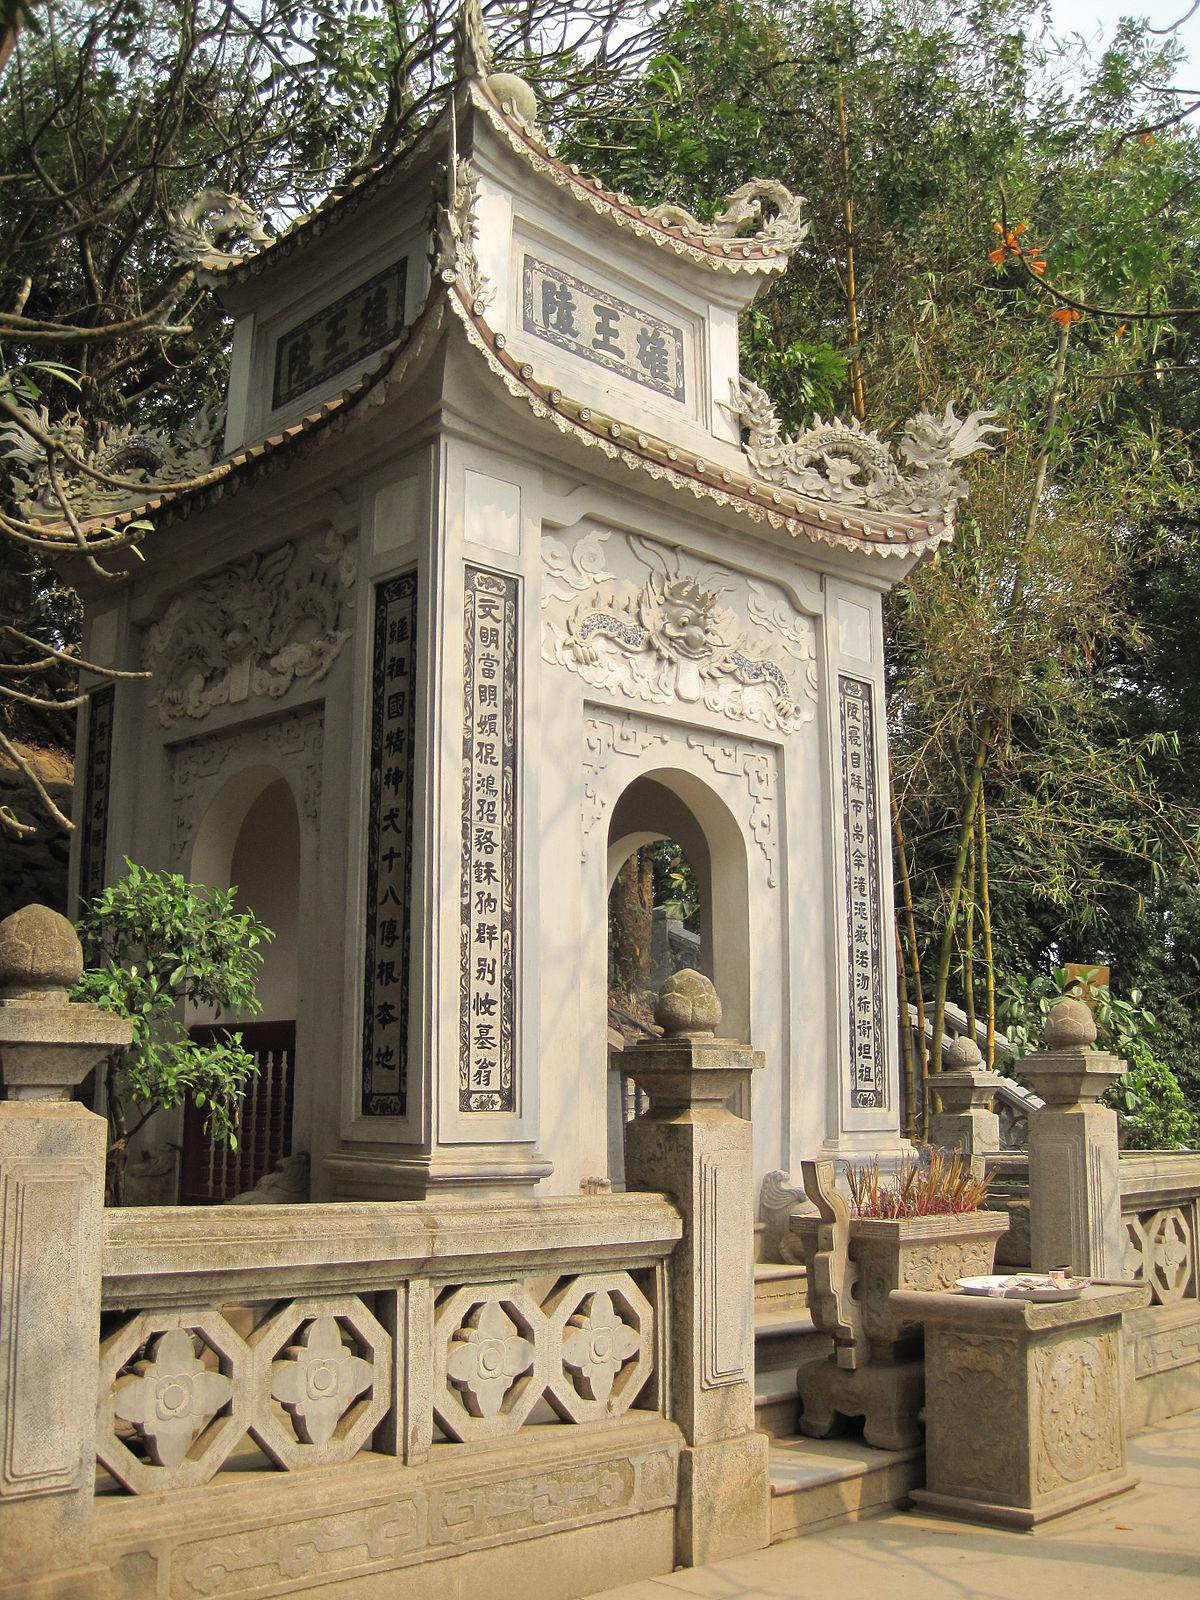 Lăng Hùng Vương - Mùng 10 tháng 3 âm lịch hàng năm là ngày Giỗ tổ Hùng Vương